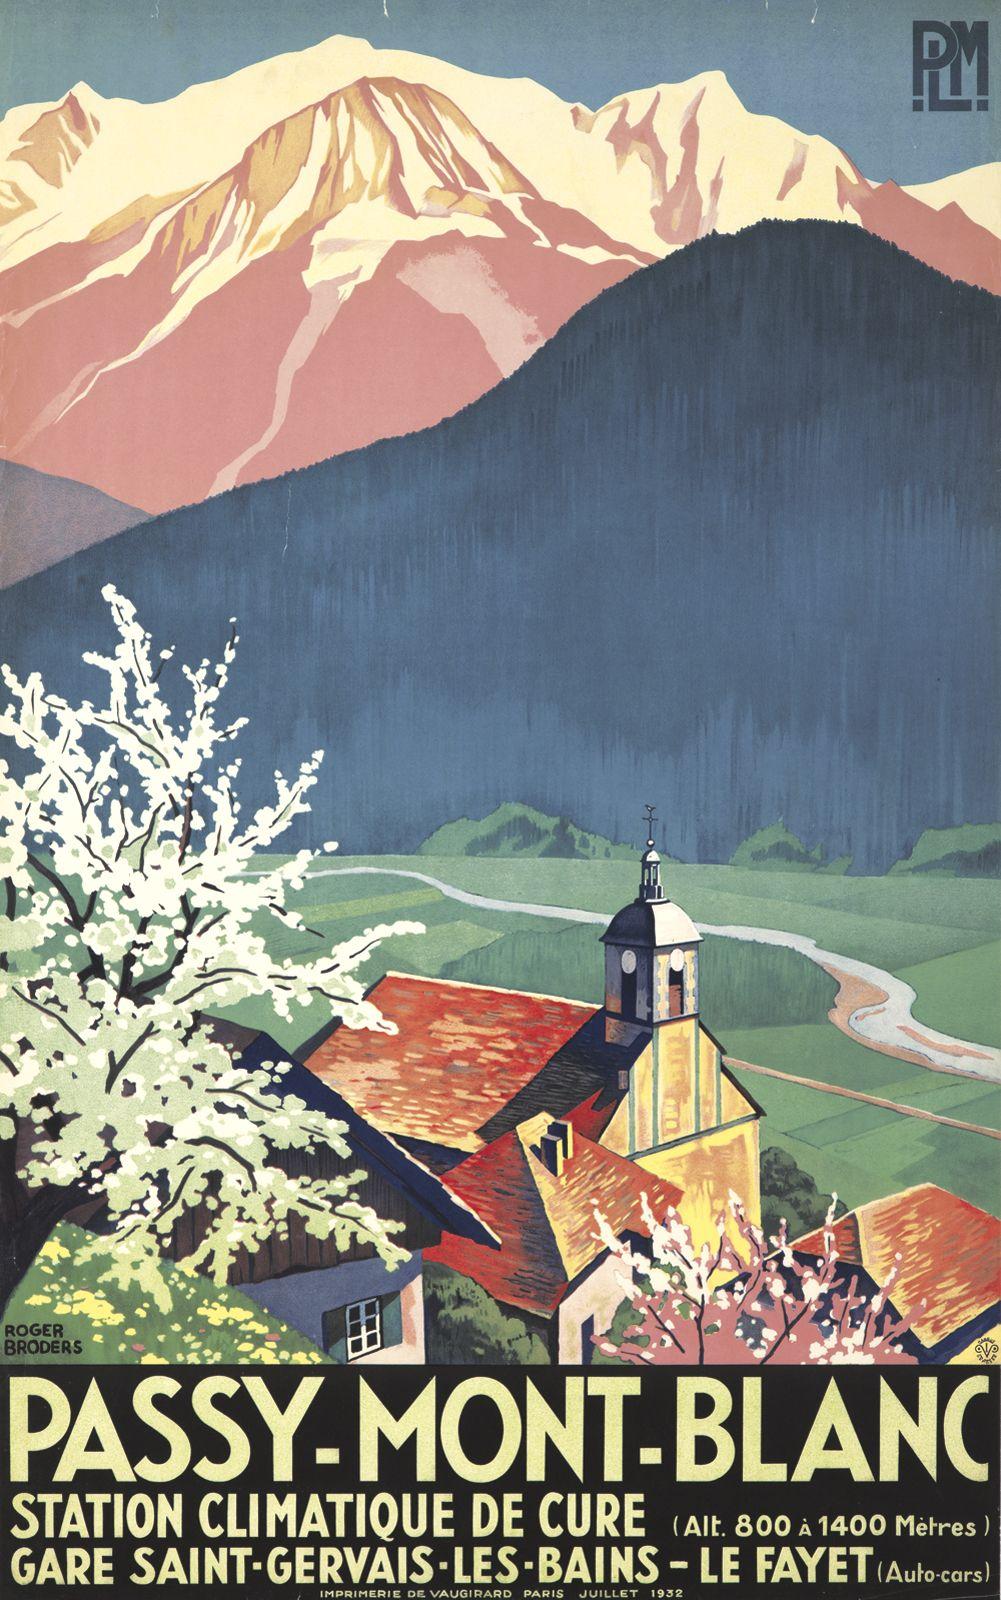 france passy mont blanc 1932 roger broders montagne affiches pinterest vintage poster. Black Bedroom Furniture Sets. Home Design Ideas